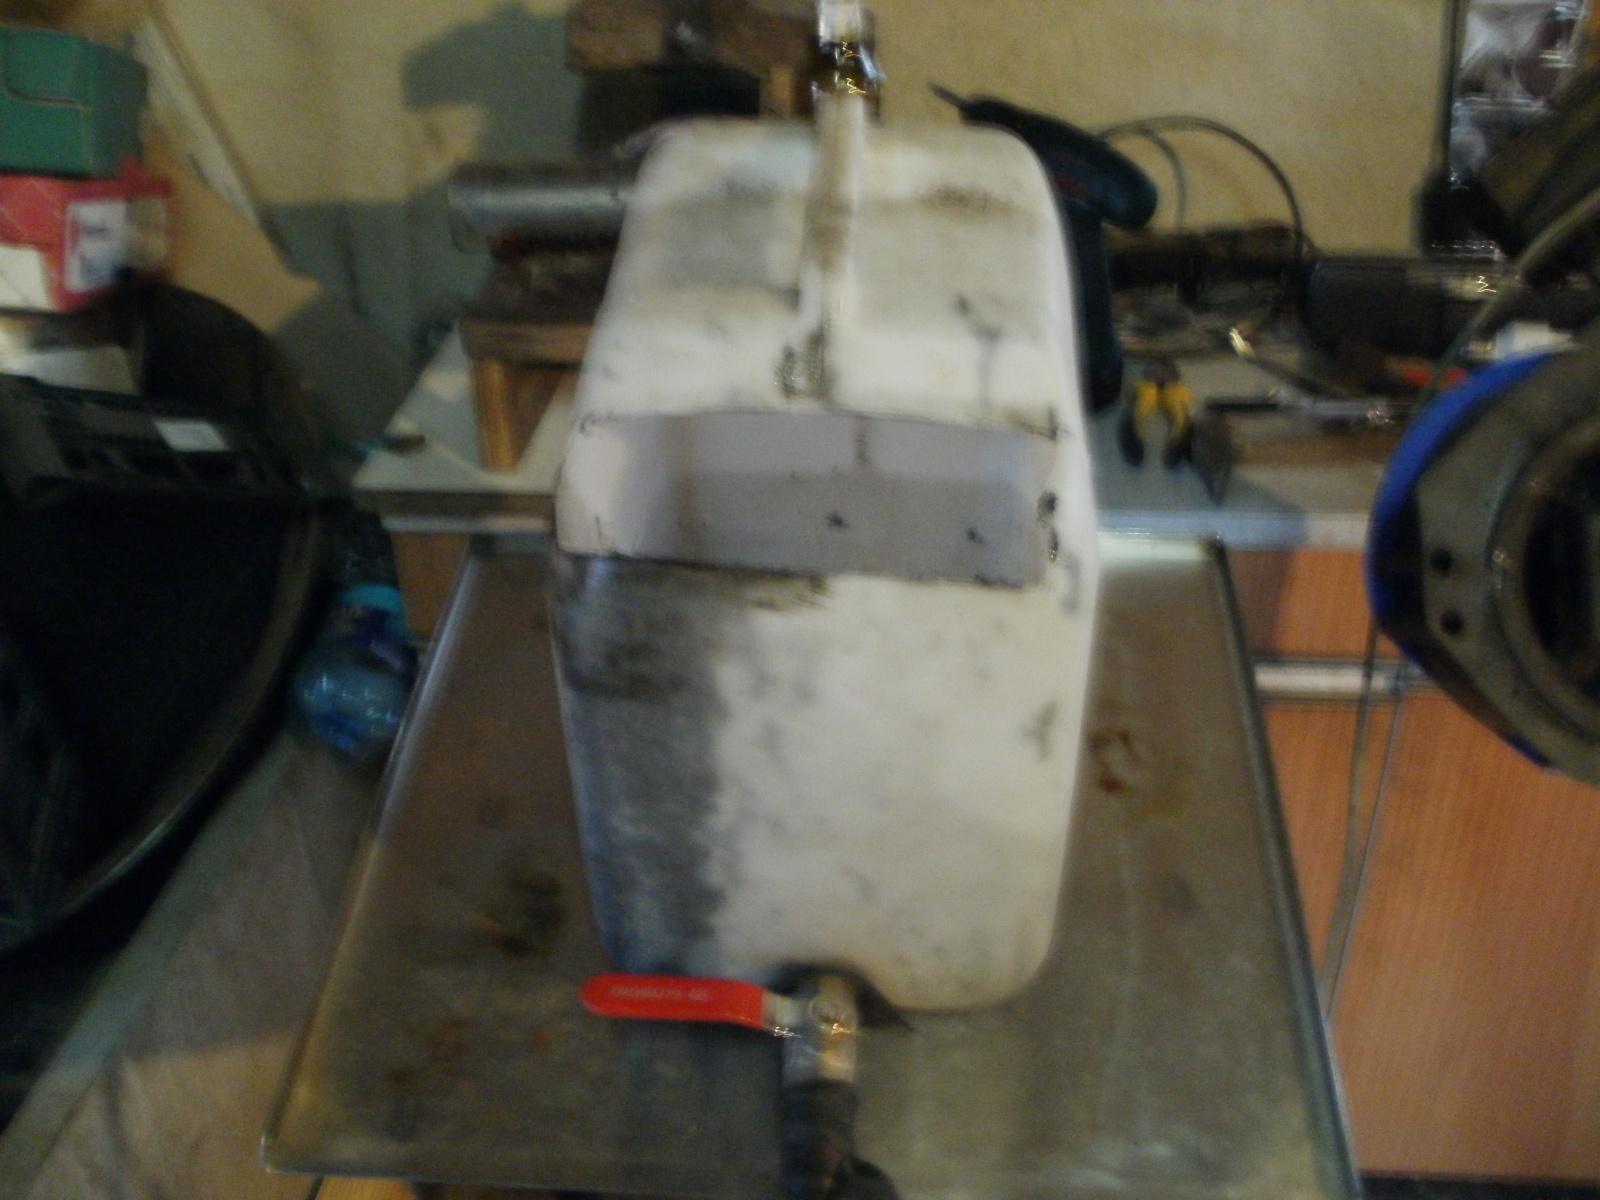 peć na rabljeno ulje 4gj3hh